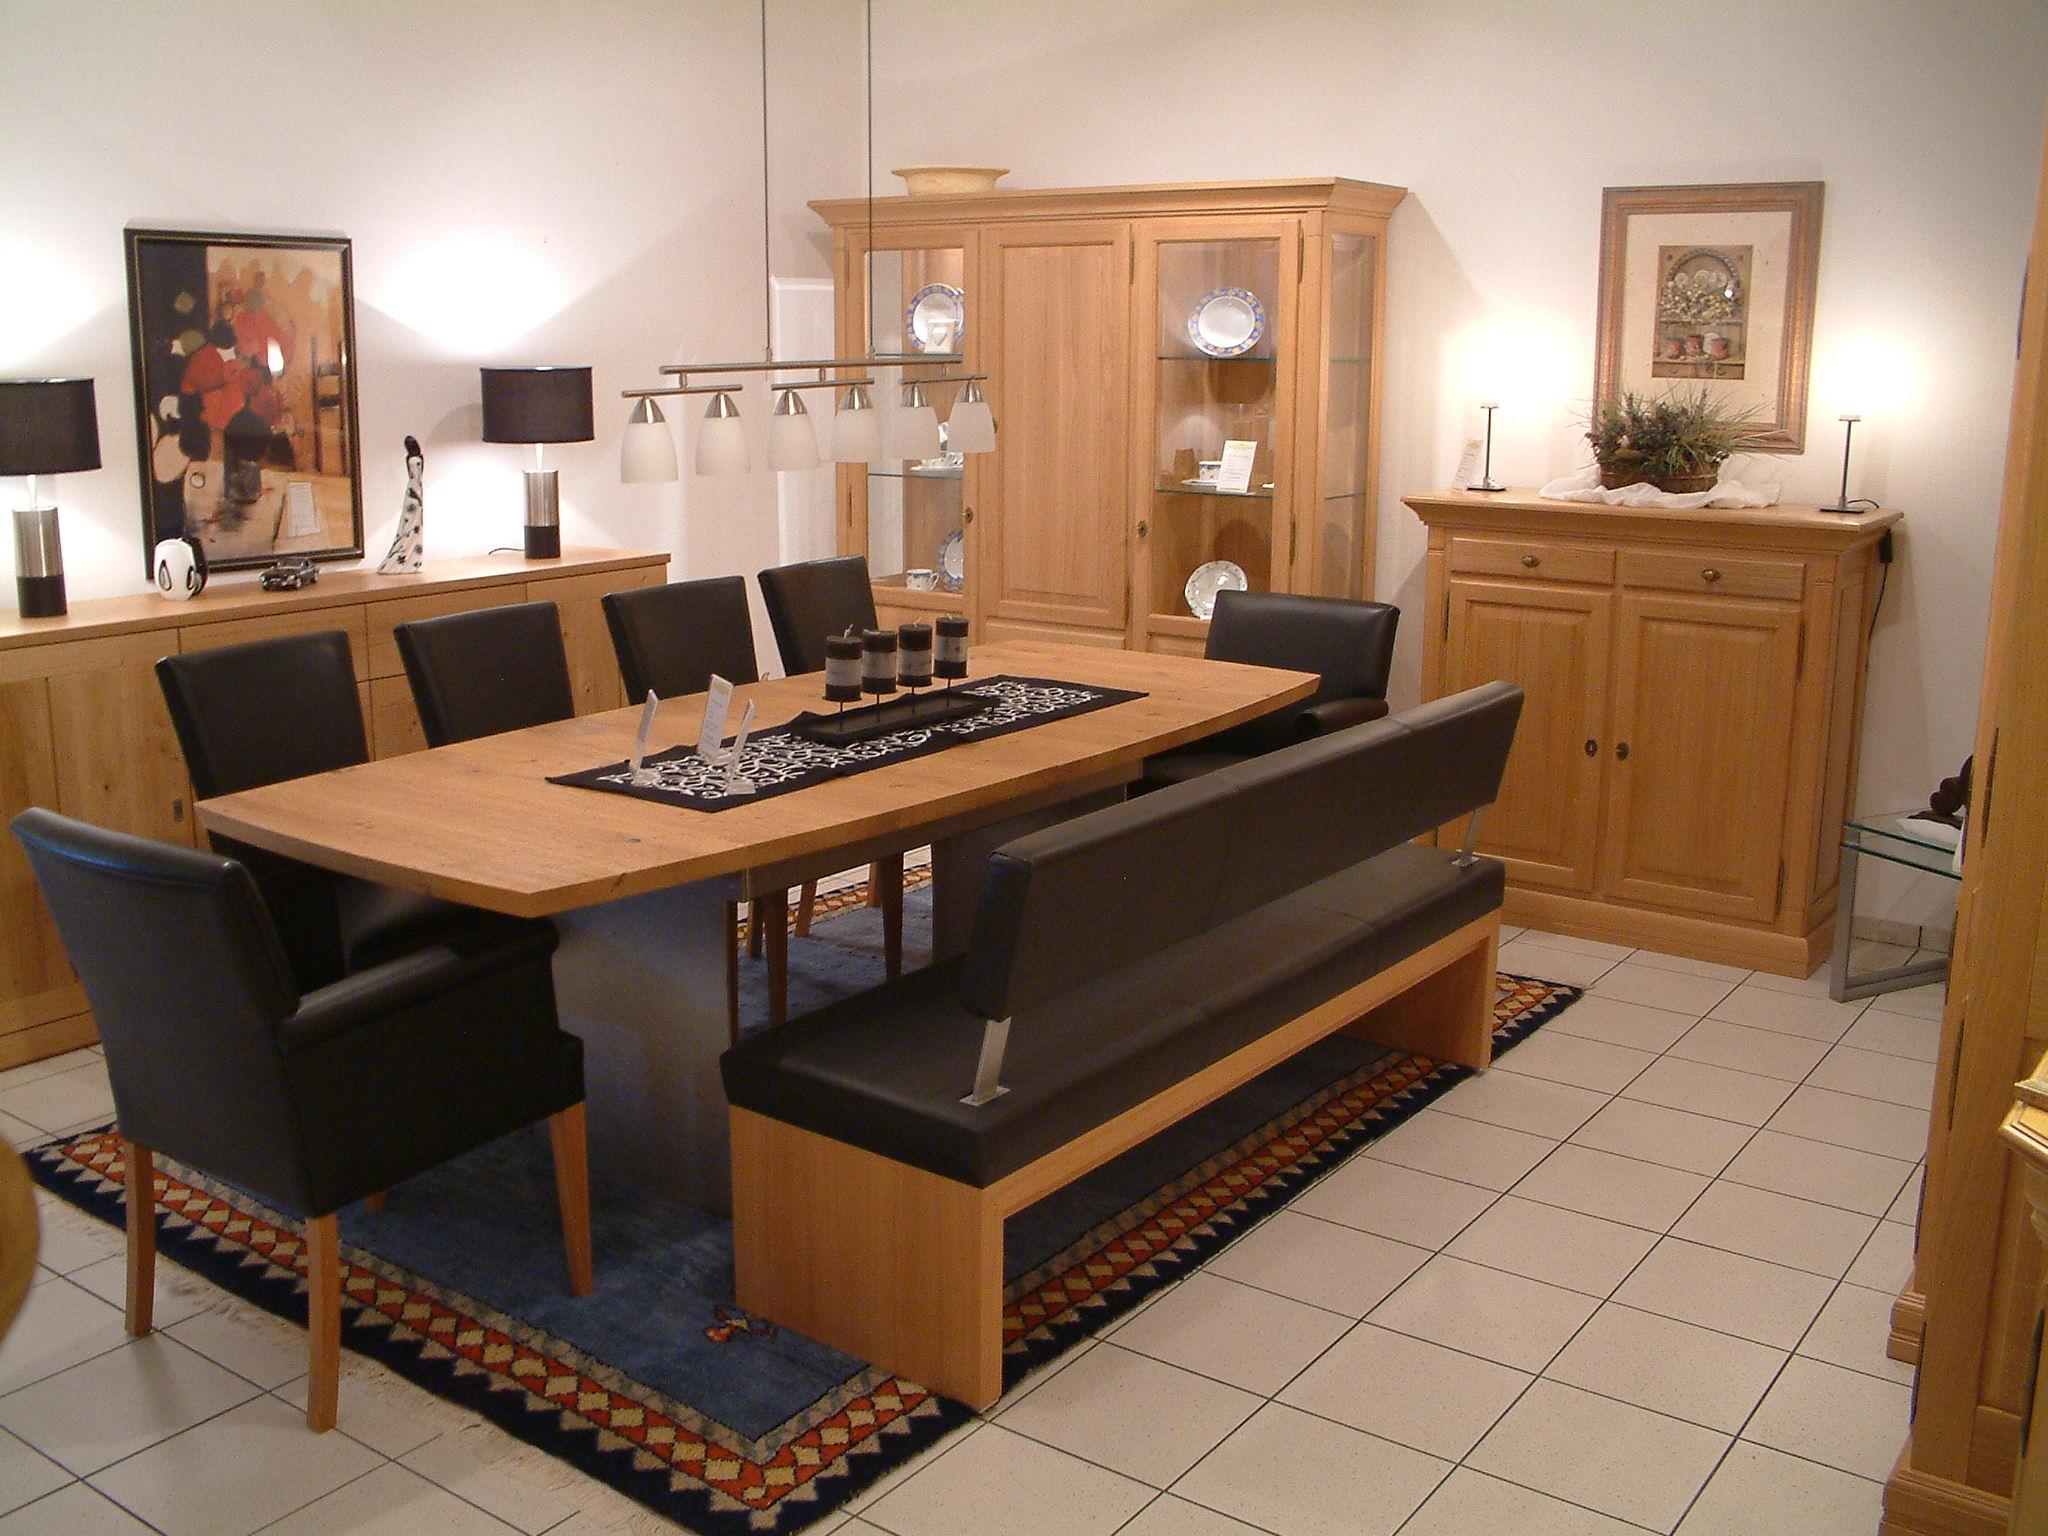 gebr vinkelau gmbh moderne massivholzm bel. Black Bedroom Furniture Sets. Home Design Ideas